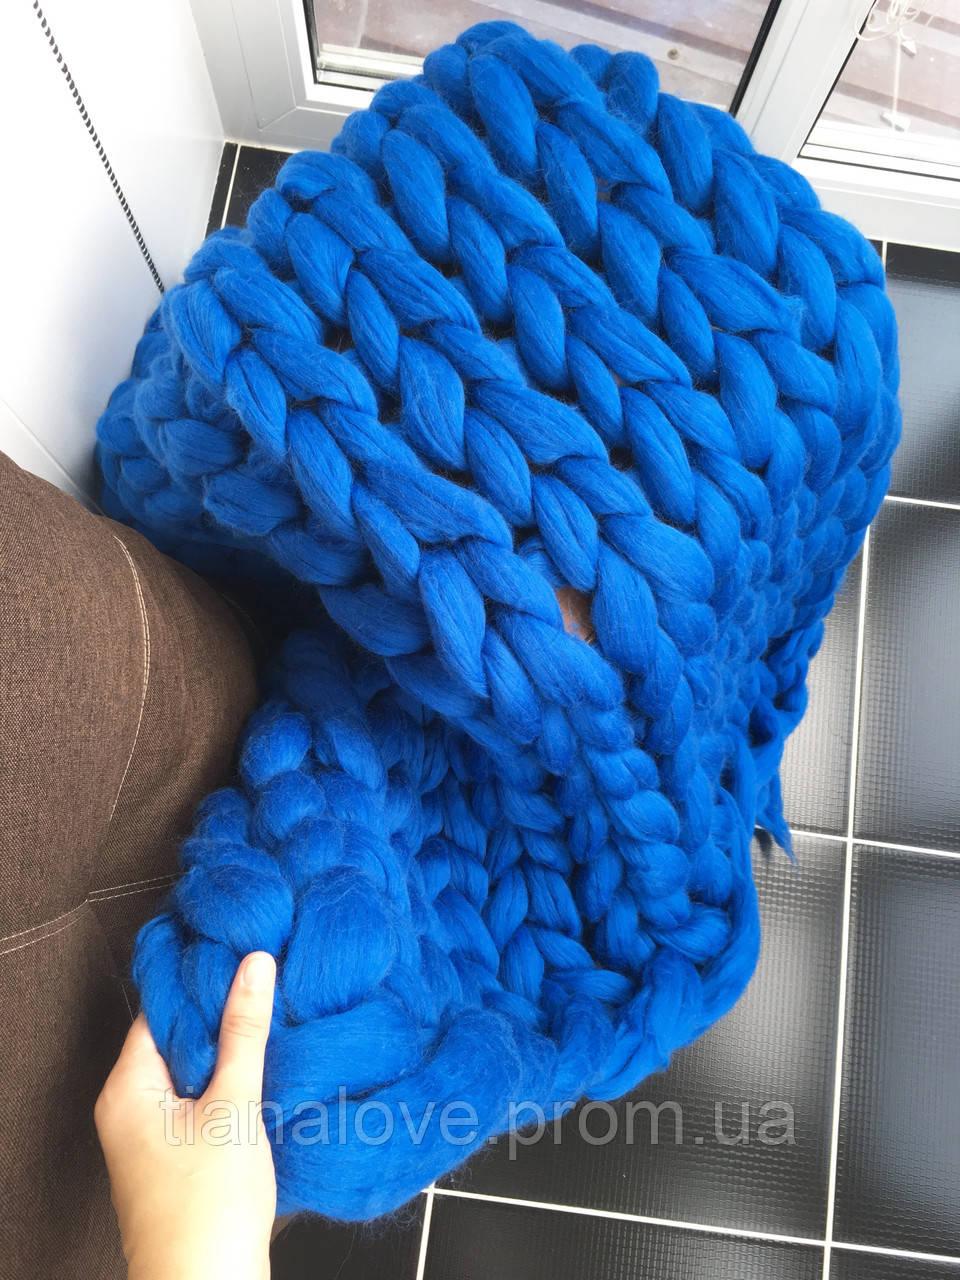 плед из шерсти мериноса 25 микрон толстая пряжа украина синий